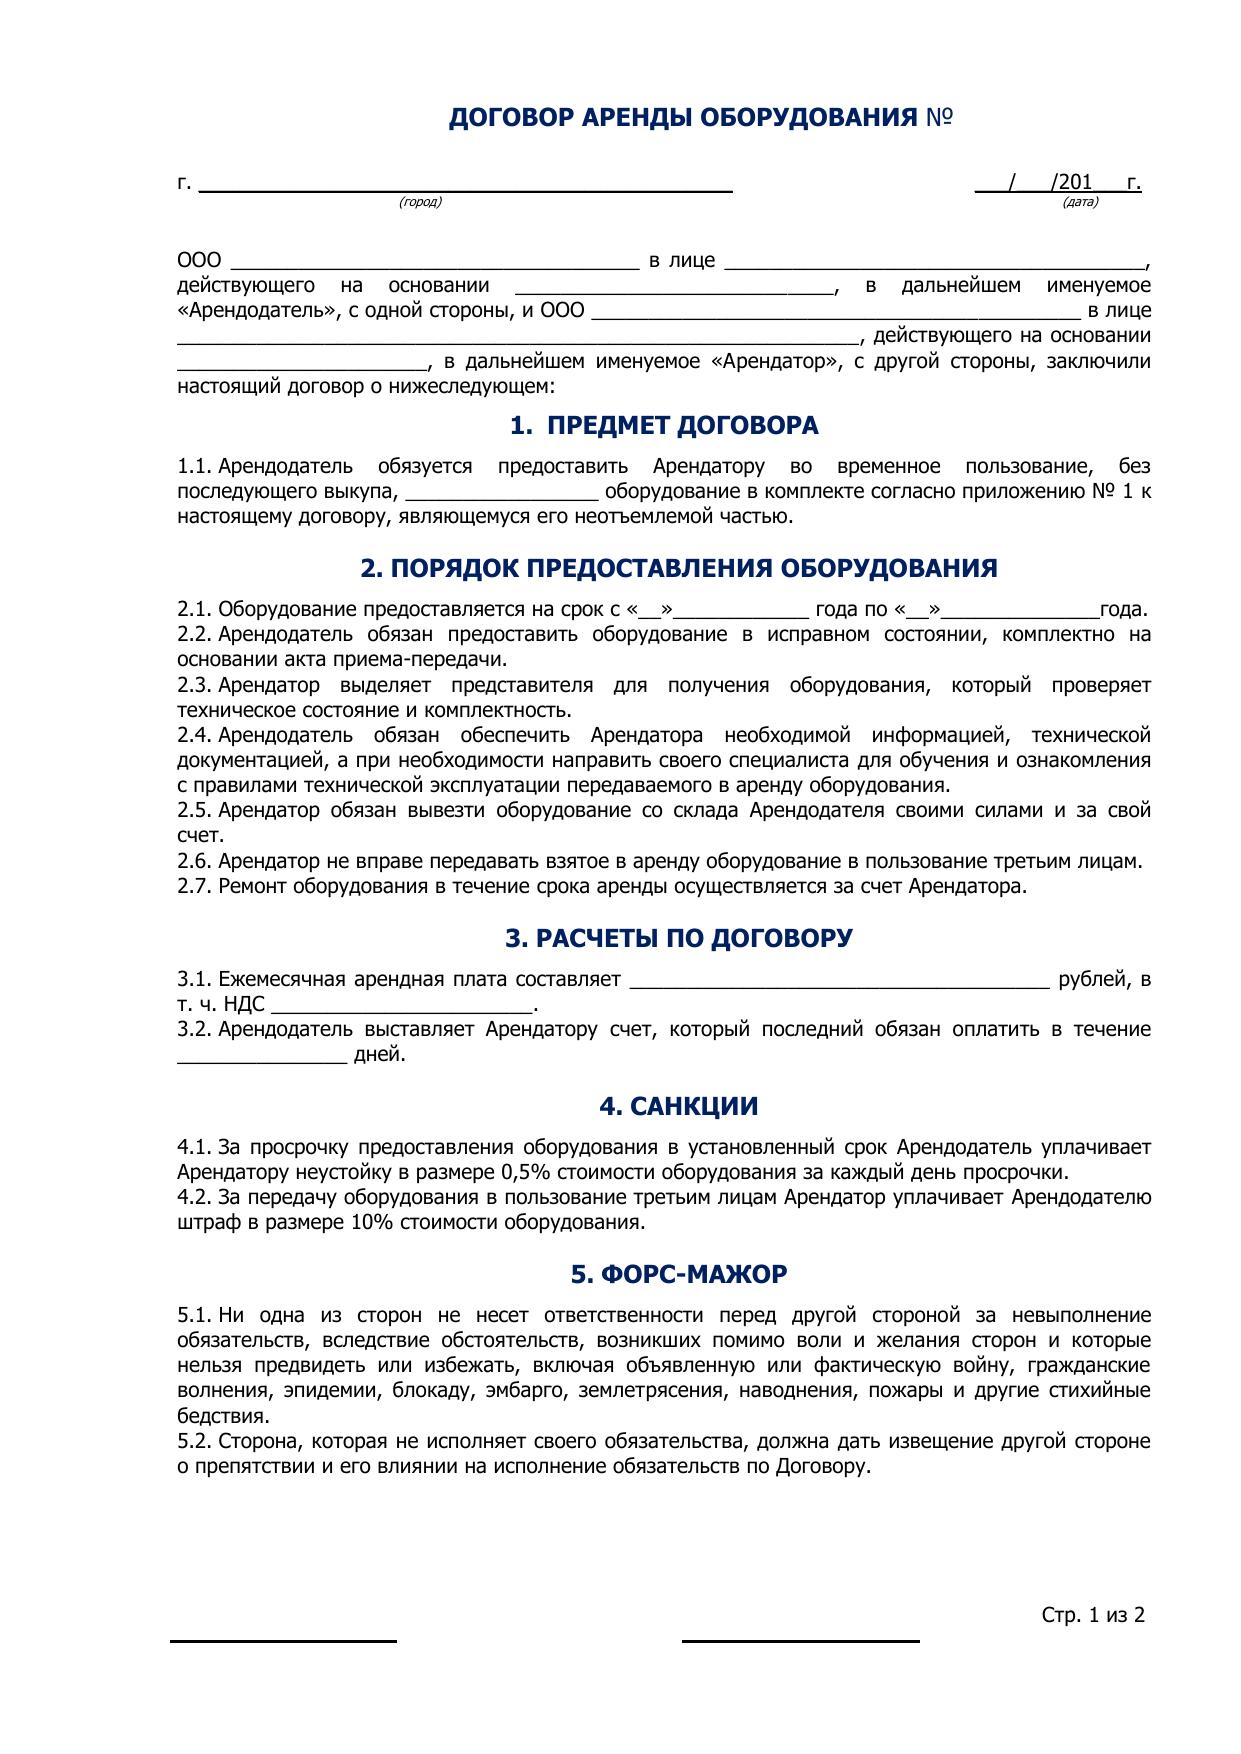 Образец договора на аренду оборудования на территории арендодателя изображение